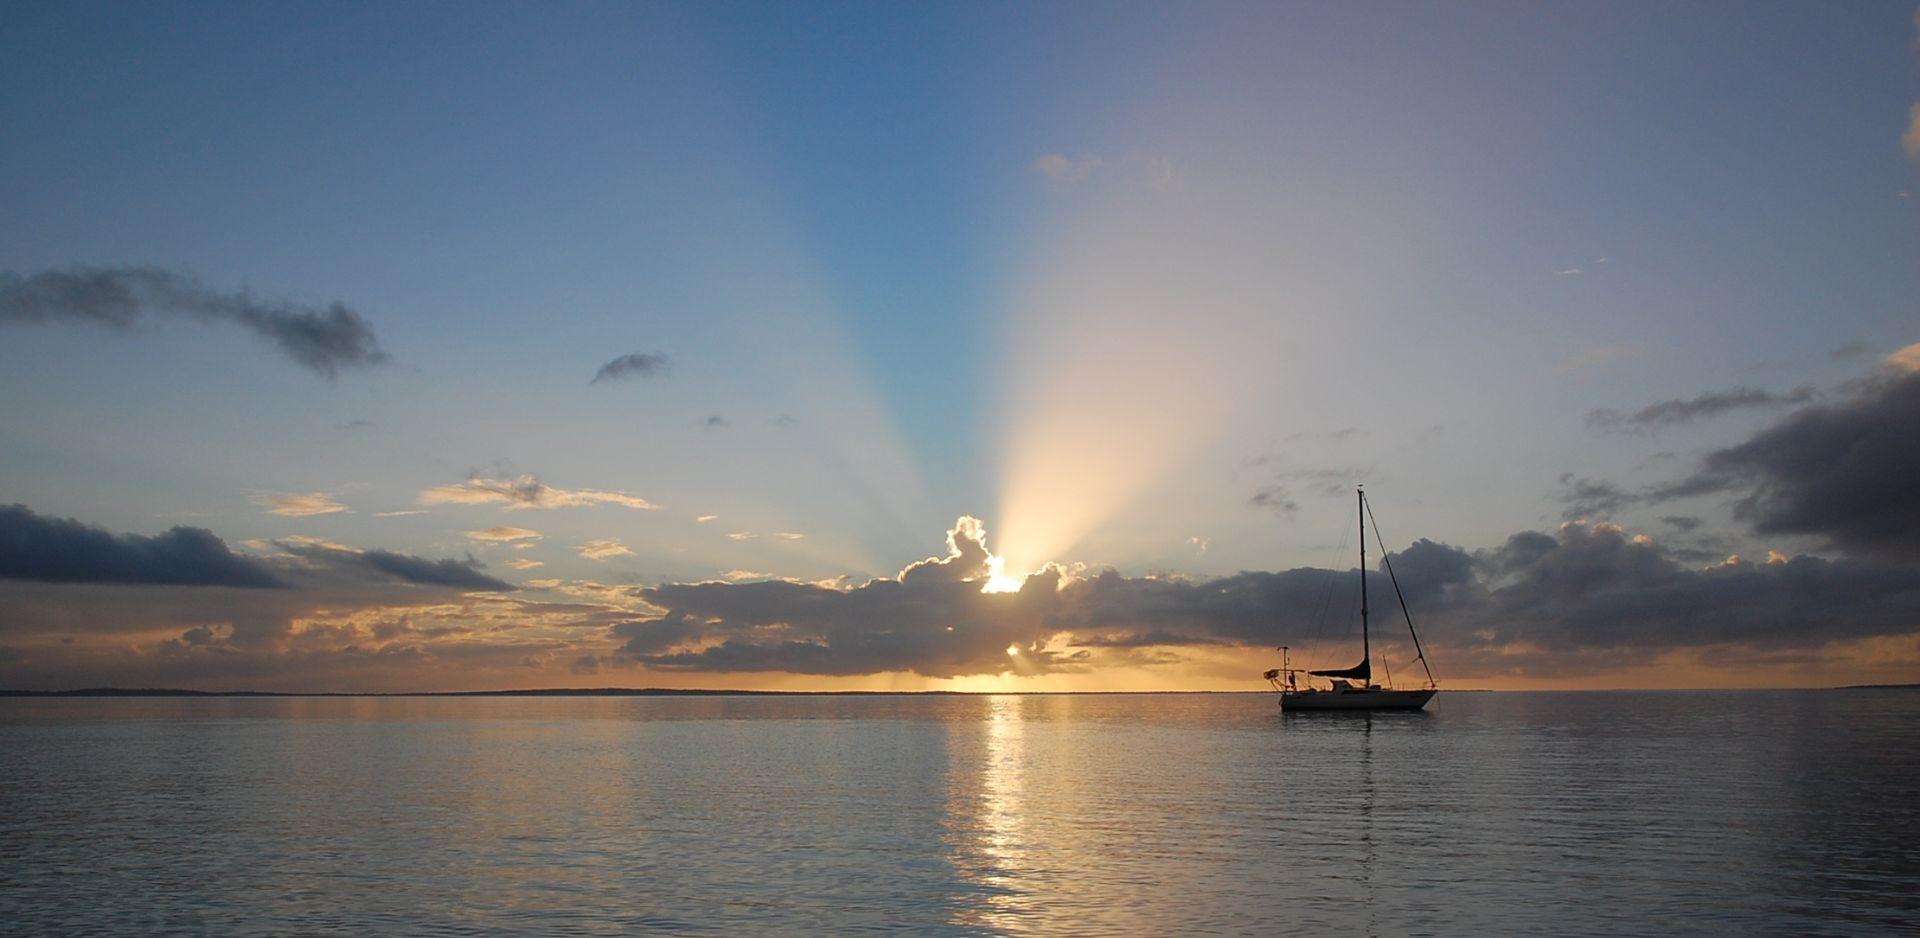 Uscita di pesca in barca a vela a Ostia